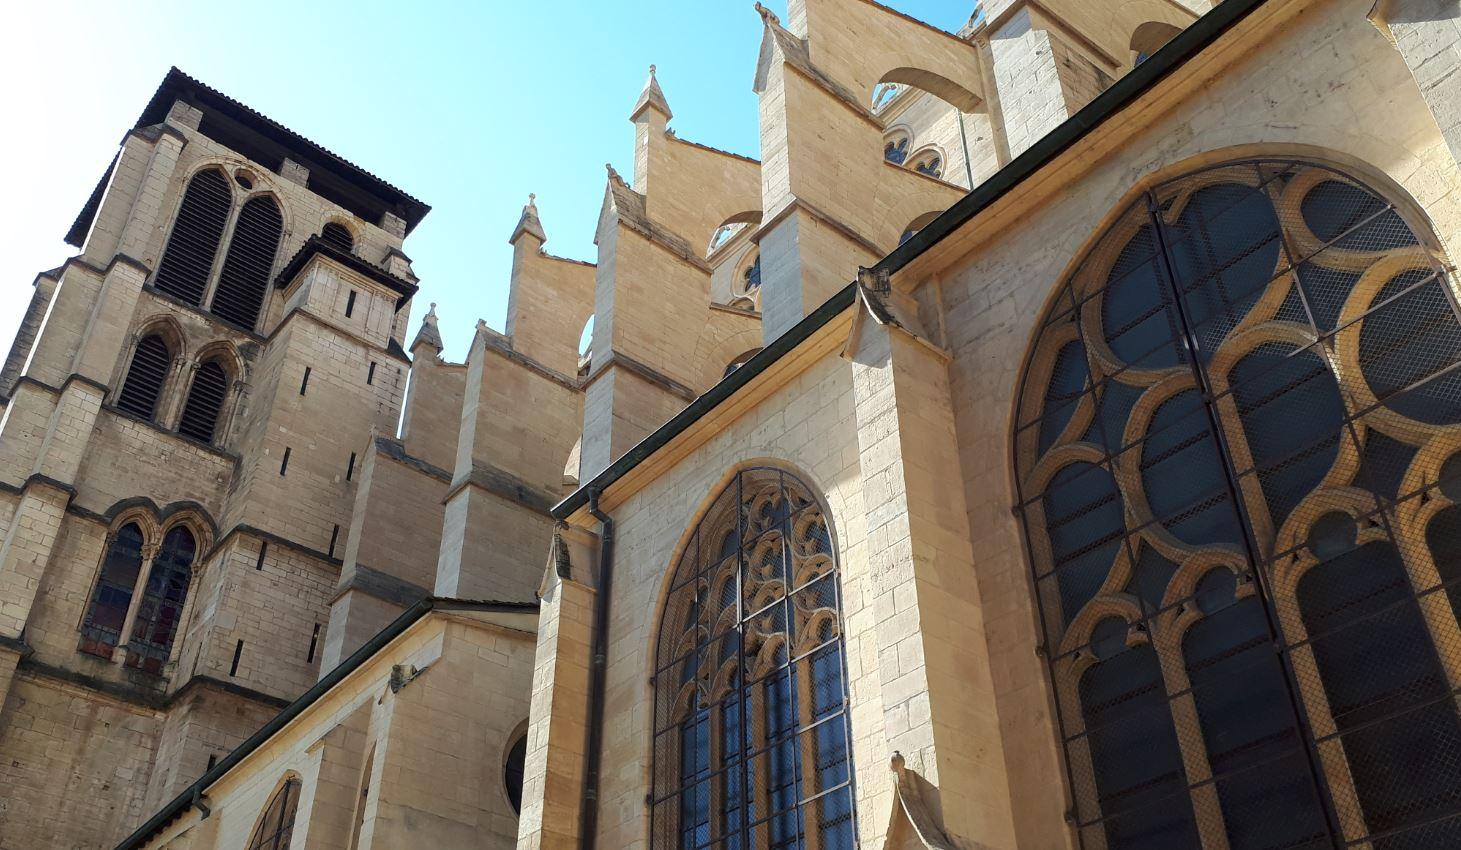 vue de côté de la cathédrale Saint-Jean